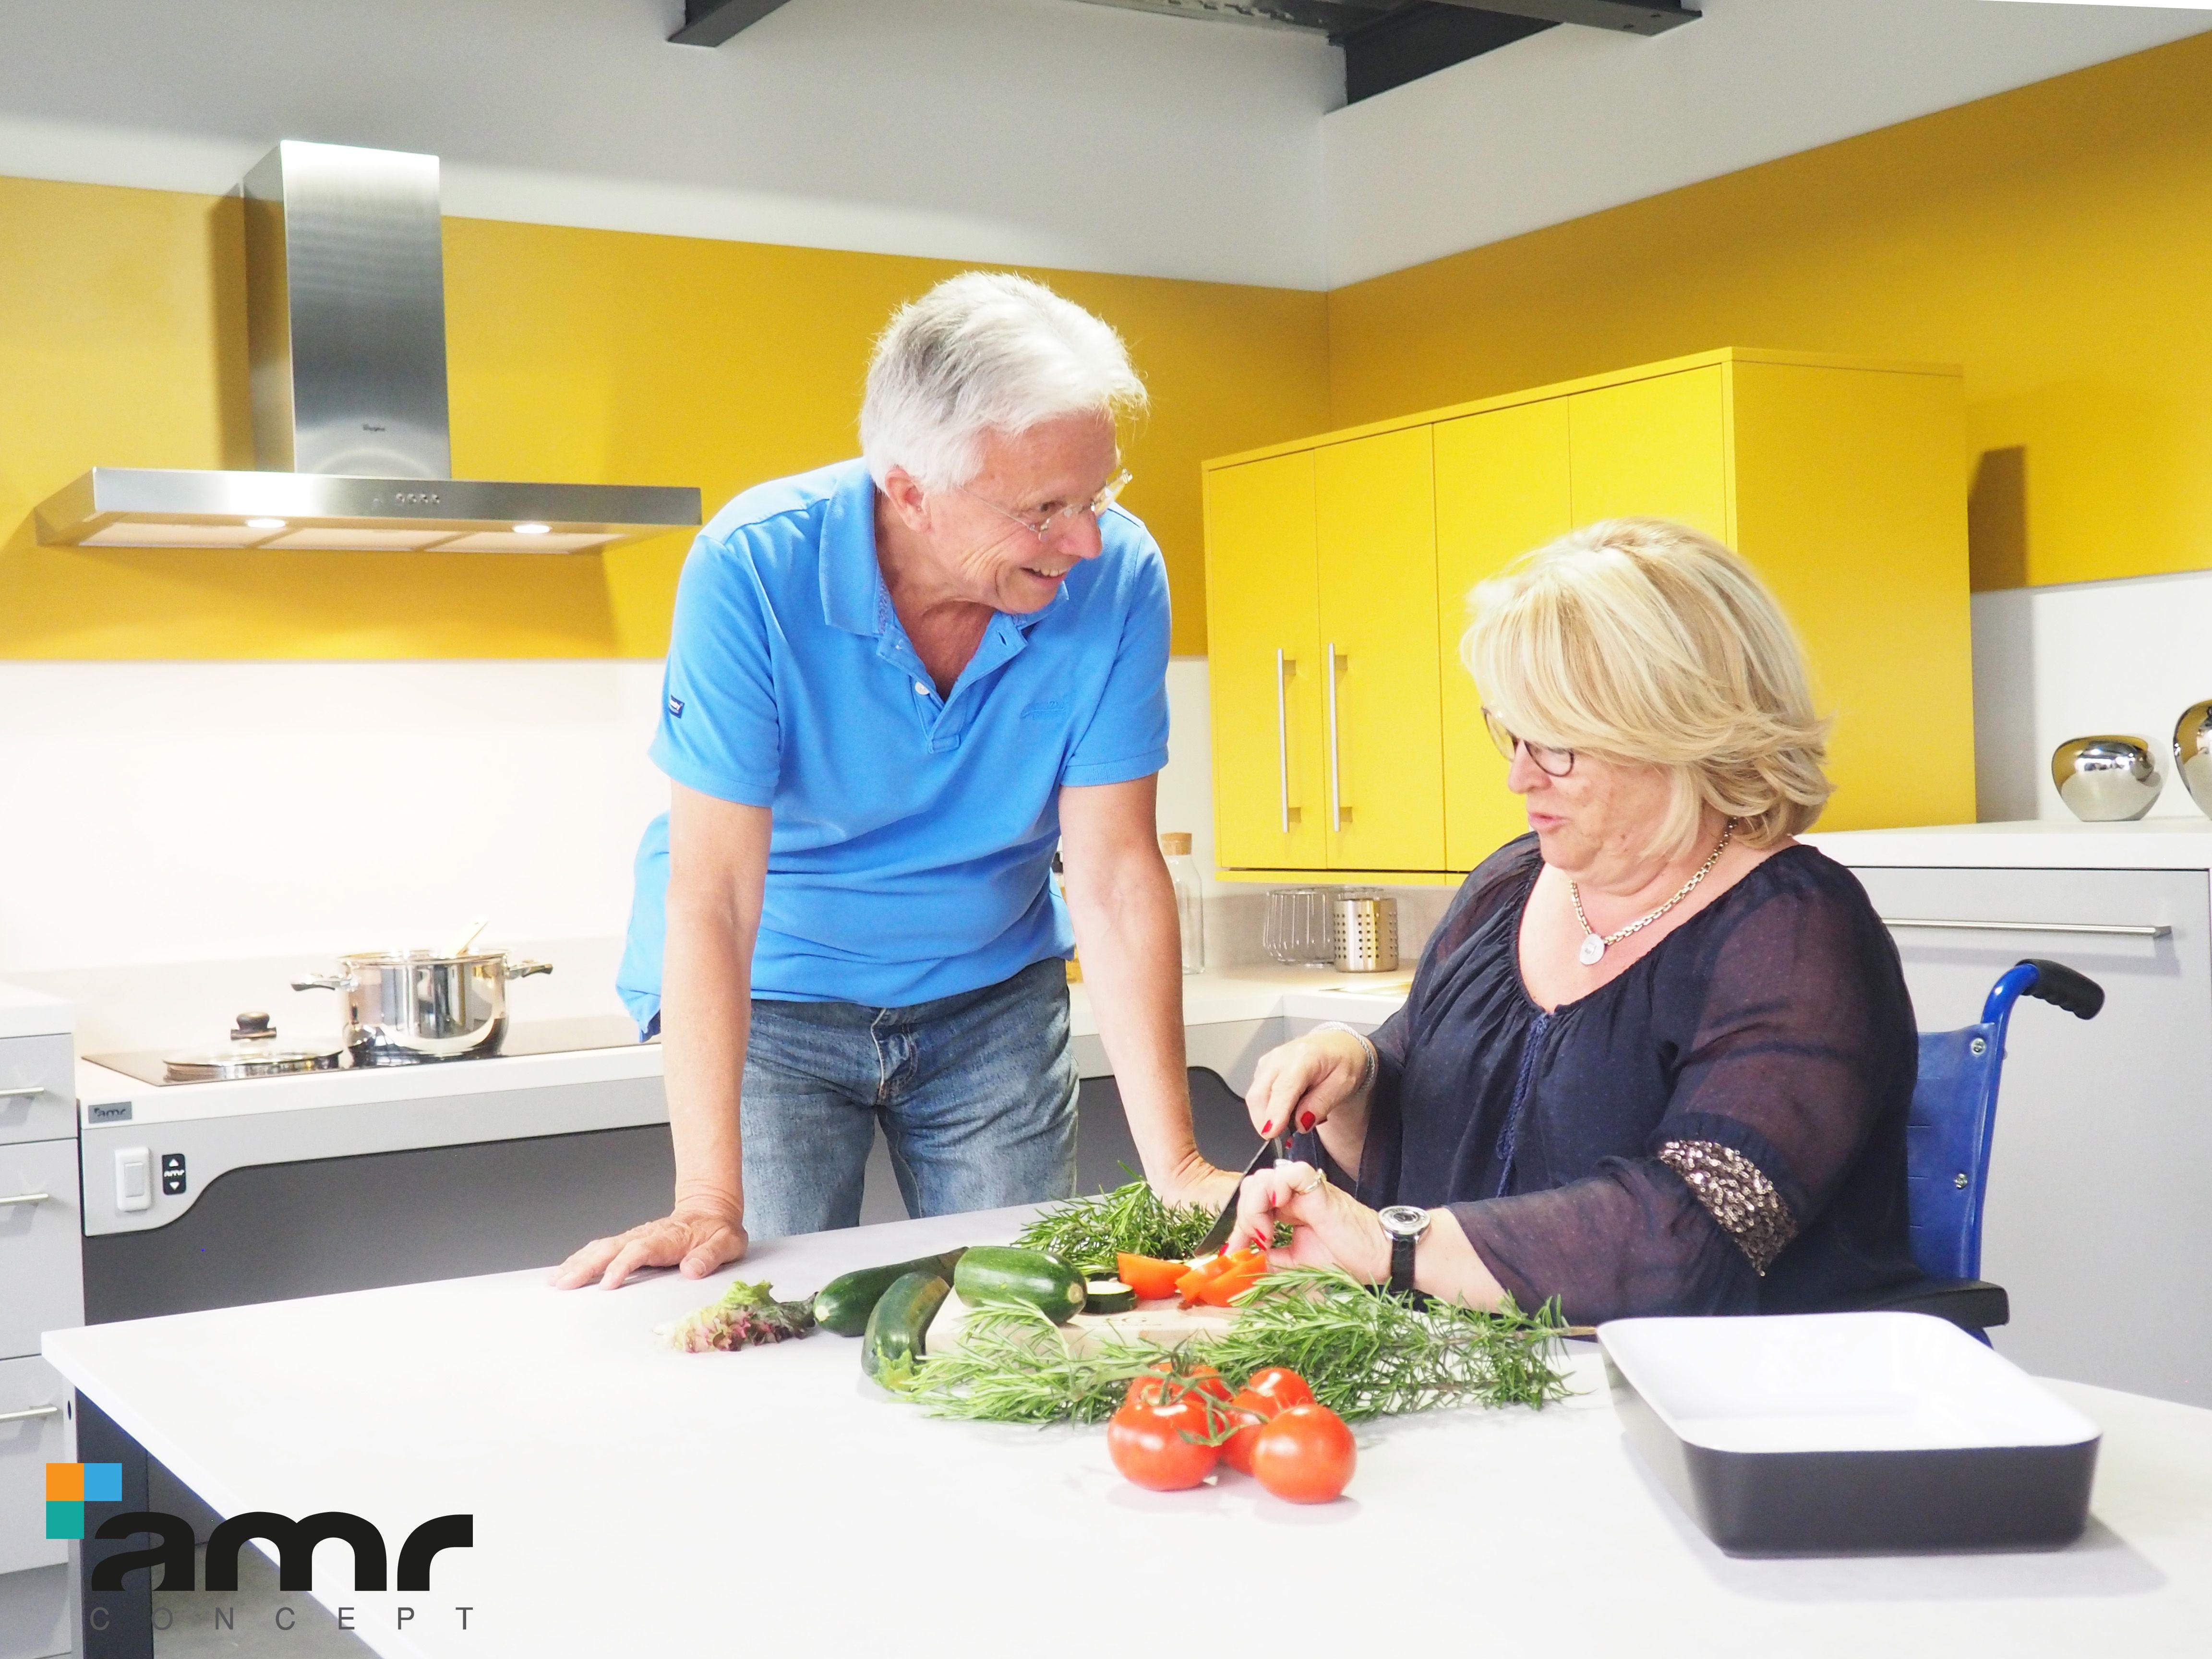 Cuisine Adaptee Au Seniors Pour Plus De Confort Table Plan De